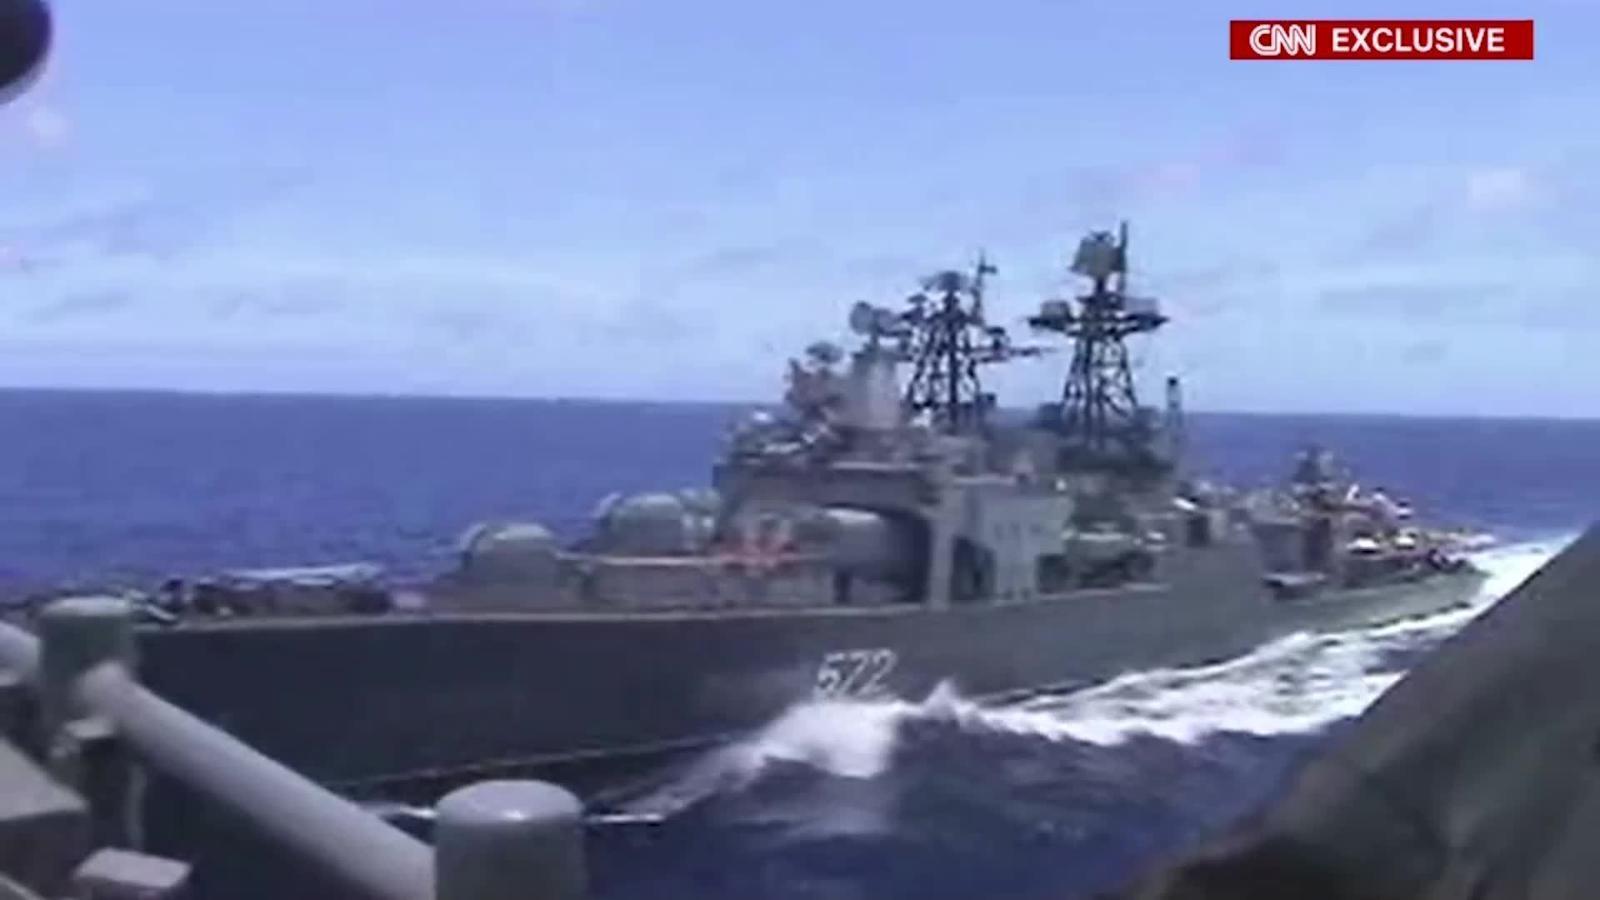 q21_y_olvidate_de_algun_problema_con_los_nuevos_vecinos_index_este_video_muestra_el_acercamiento_entre_los_buques_de_guerra_de_rusia_y_ee_uu_.jpg